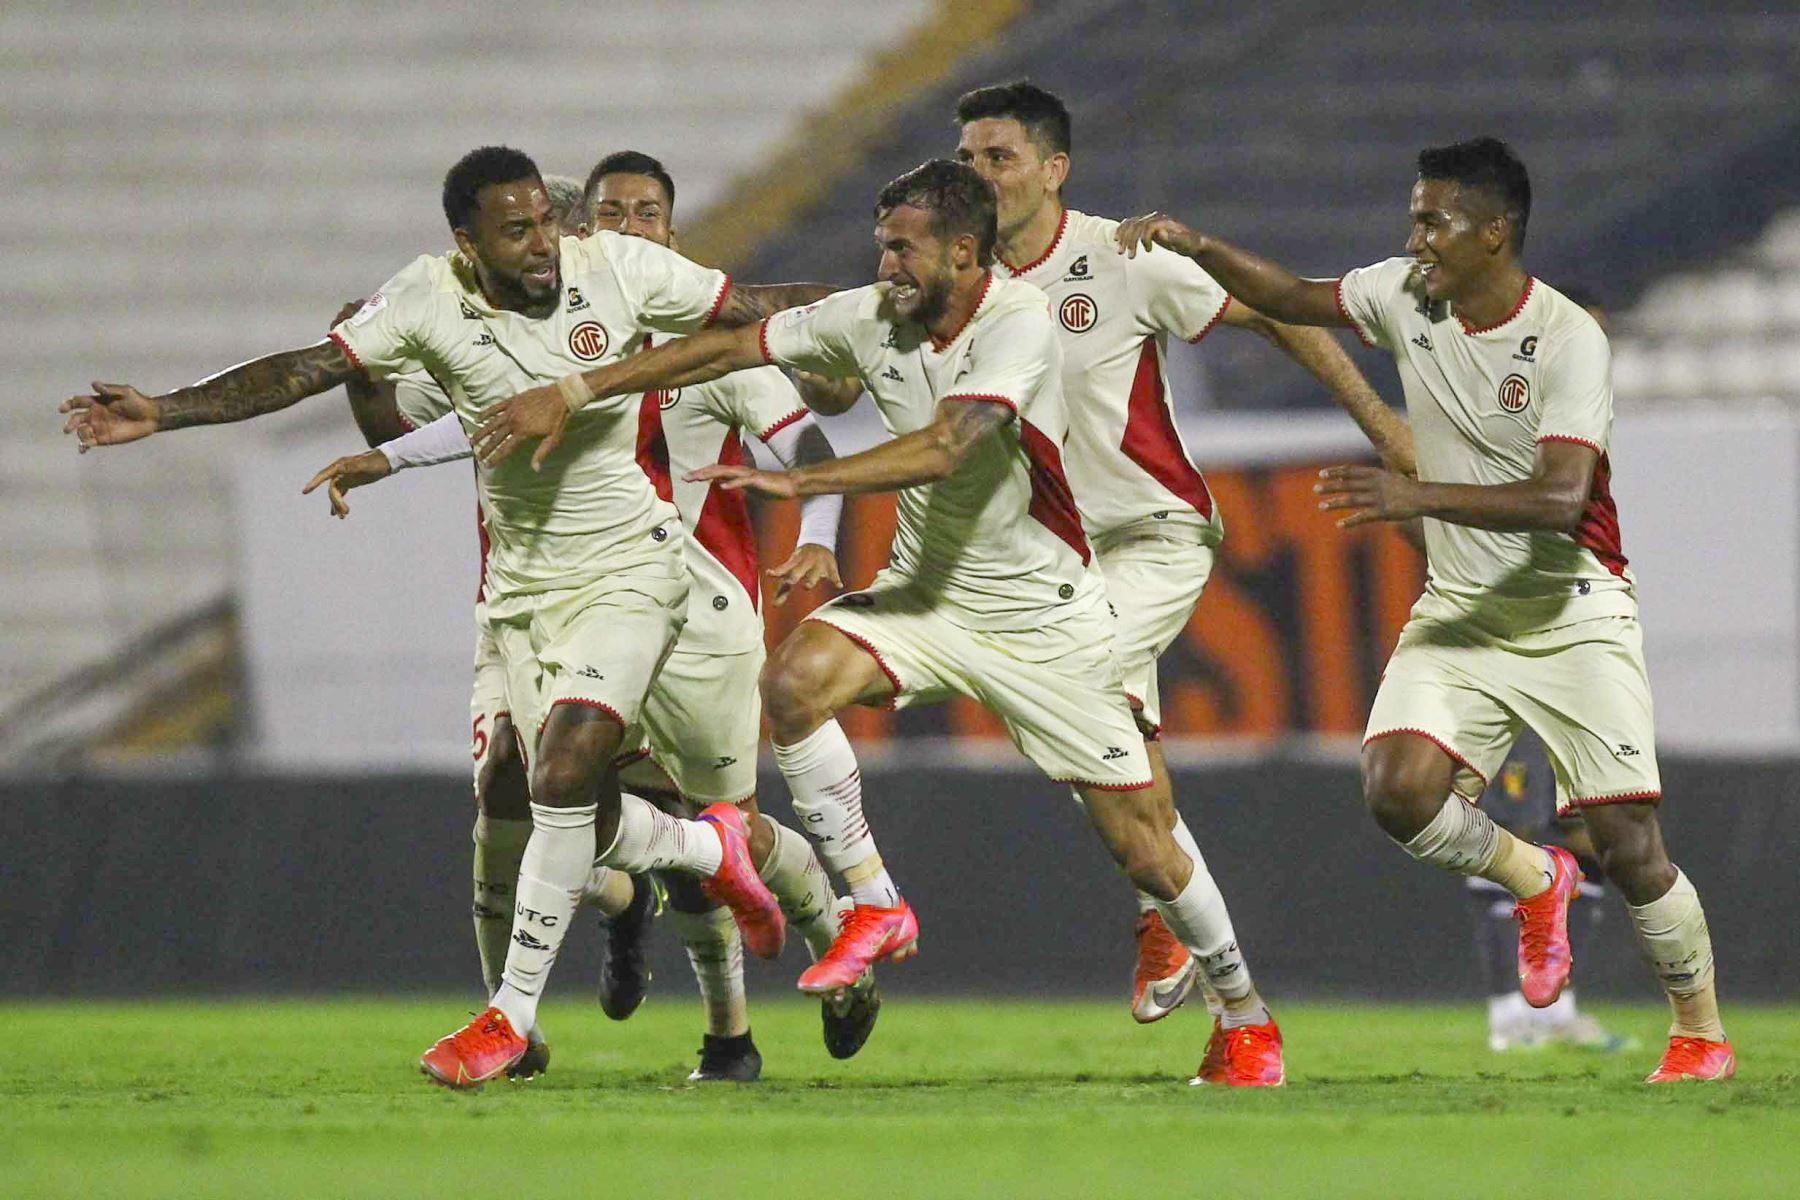 Gaspar Gentile de UTC celebra junto a sus compañeros tras marcar ante Melgar durante partido por la cuarta fecha de la Liga 1, en el estadio Iván Elías Moreno. Foto: Liga 1